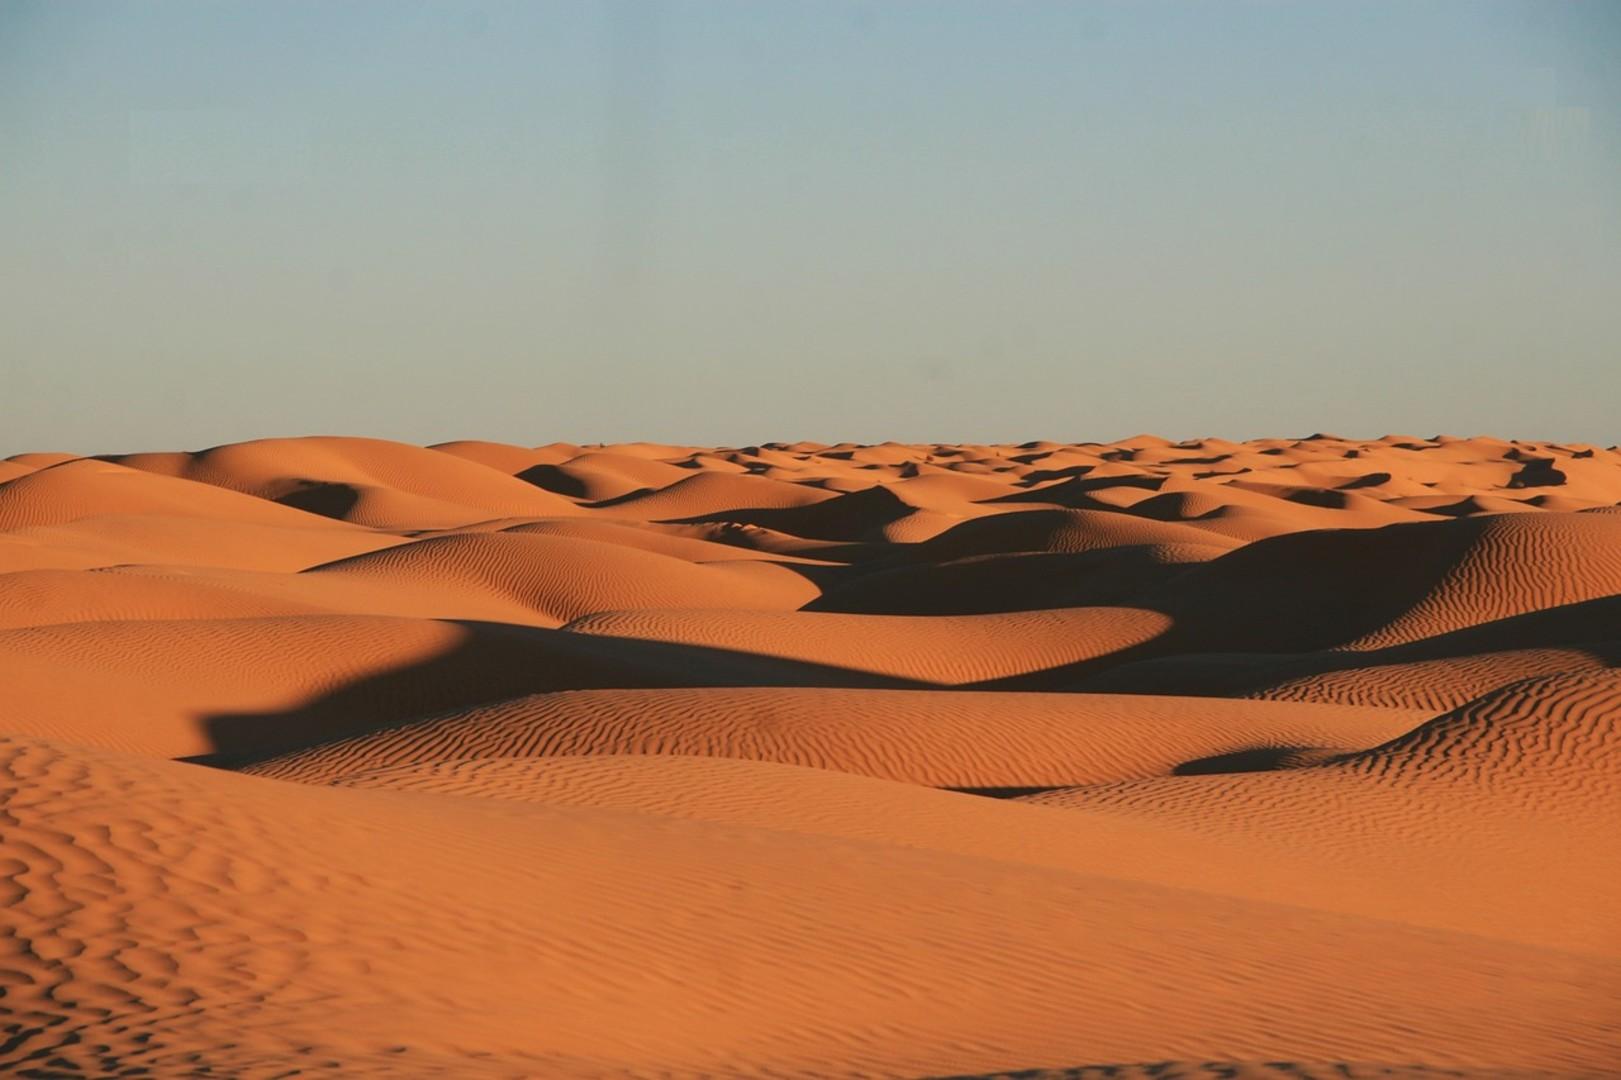 desert-2095287_1280.jpg